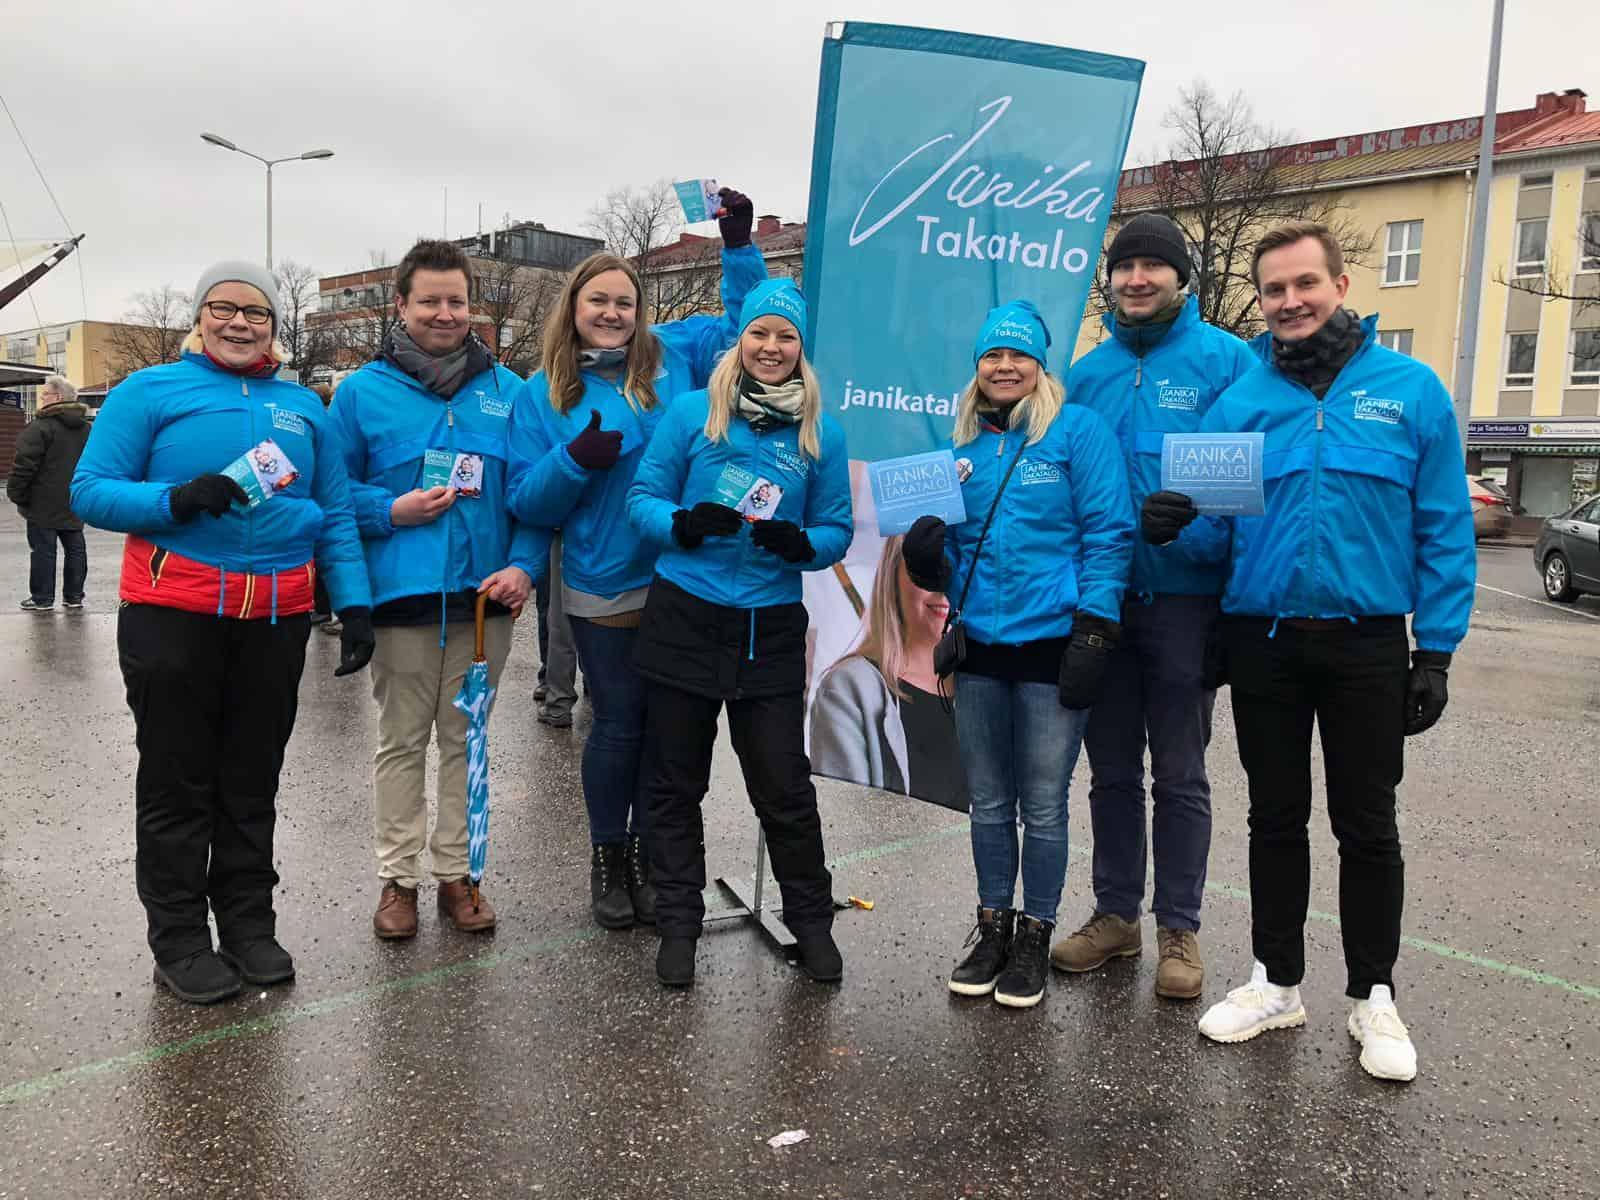 Eurovaalit 2019, eurovaalit, eurovaaliehdokas, nuori liberaali, tasa-arvo, koulutus, kokoomus